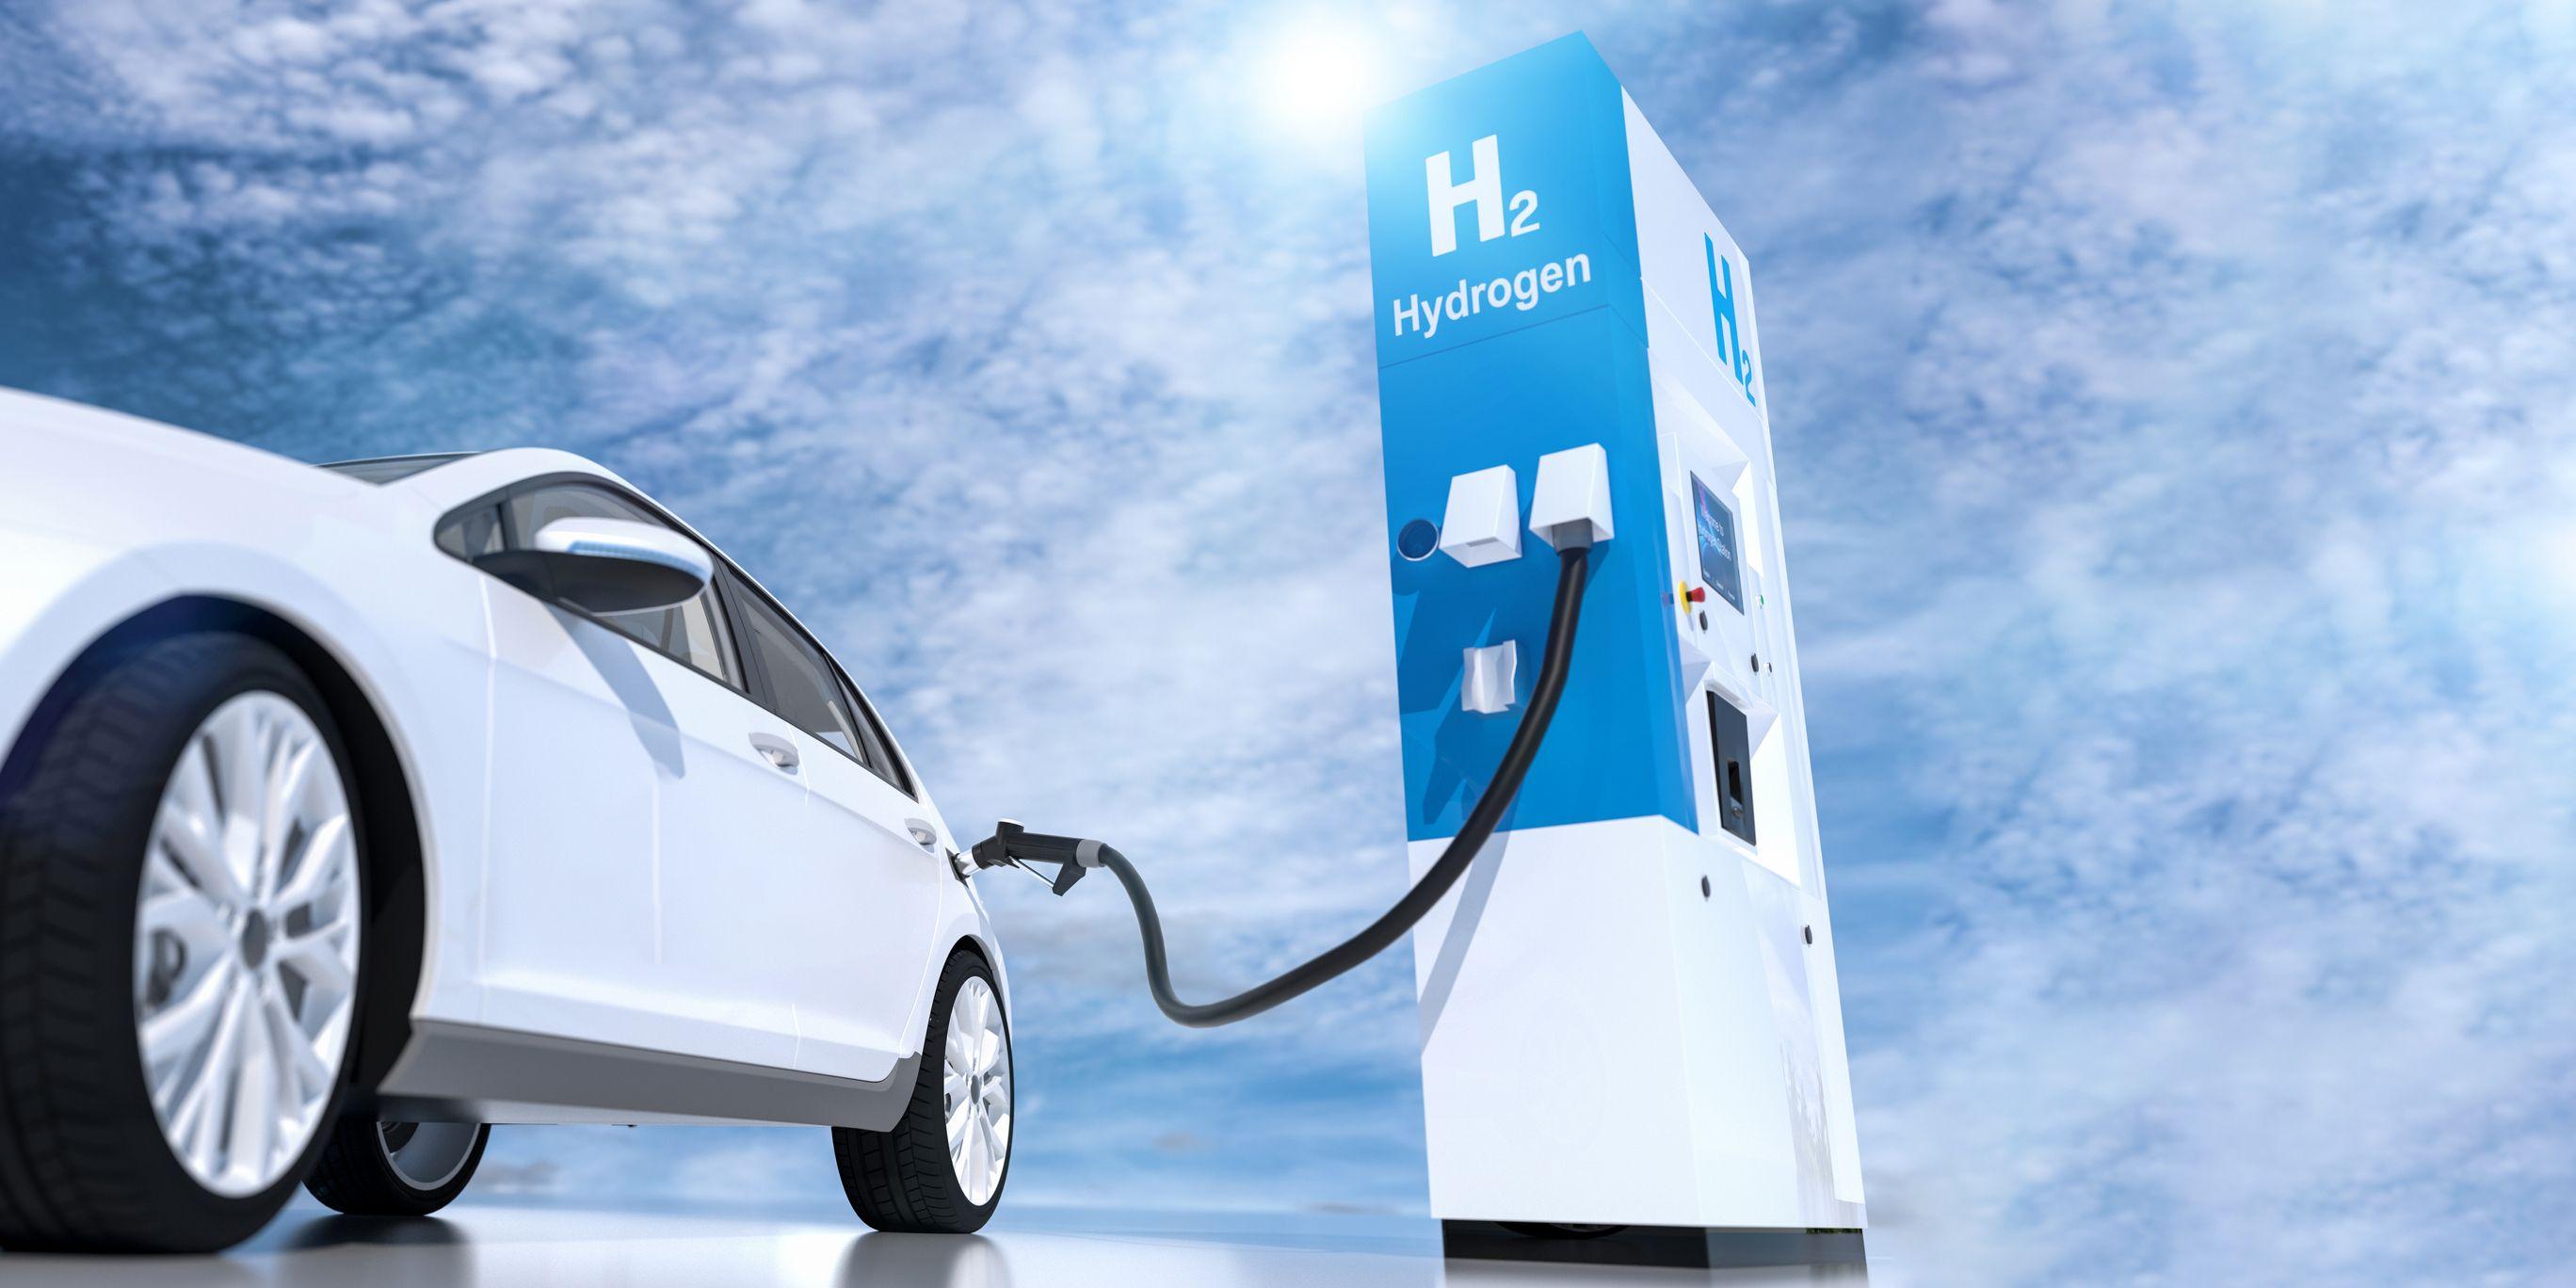 У наступному році в Україні з'явиться перша заправка для водневих автомобілів